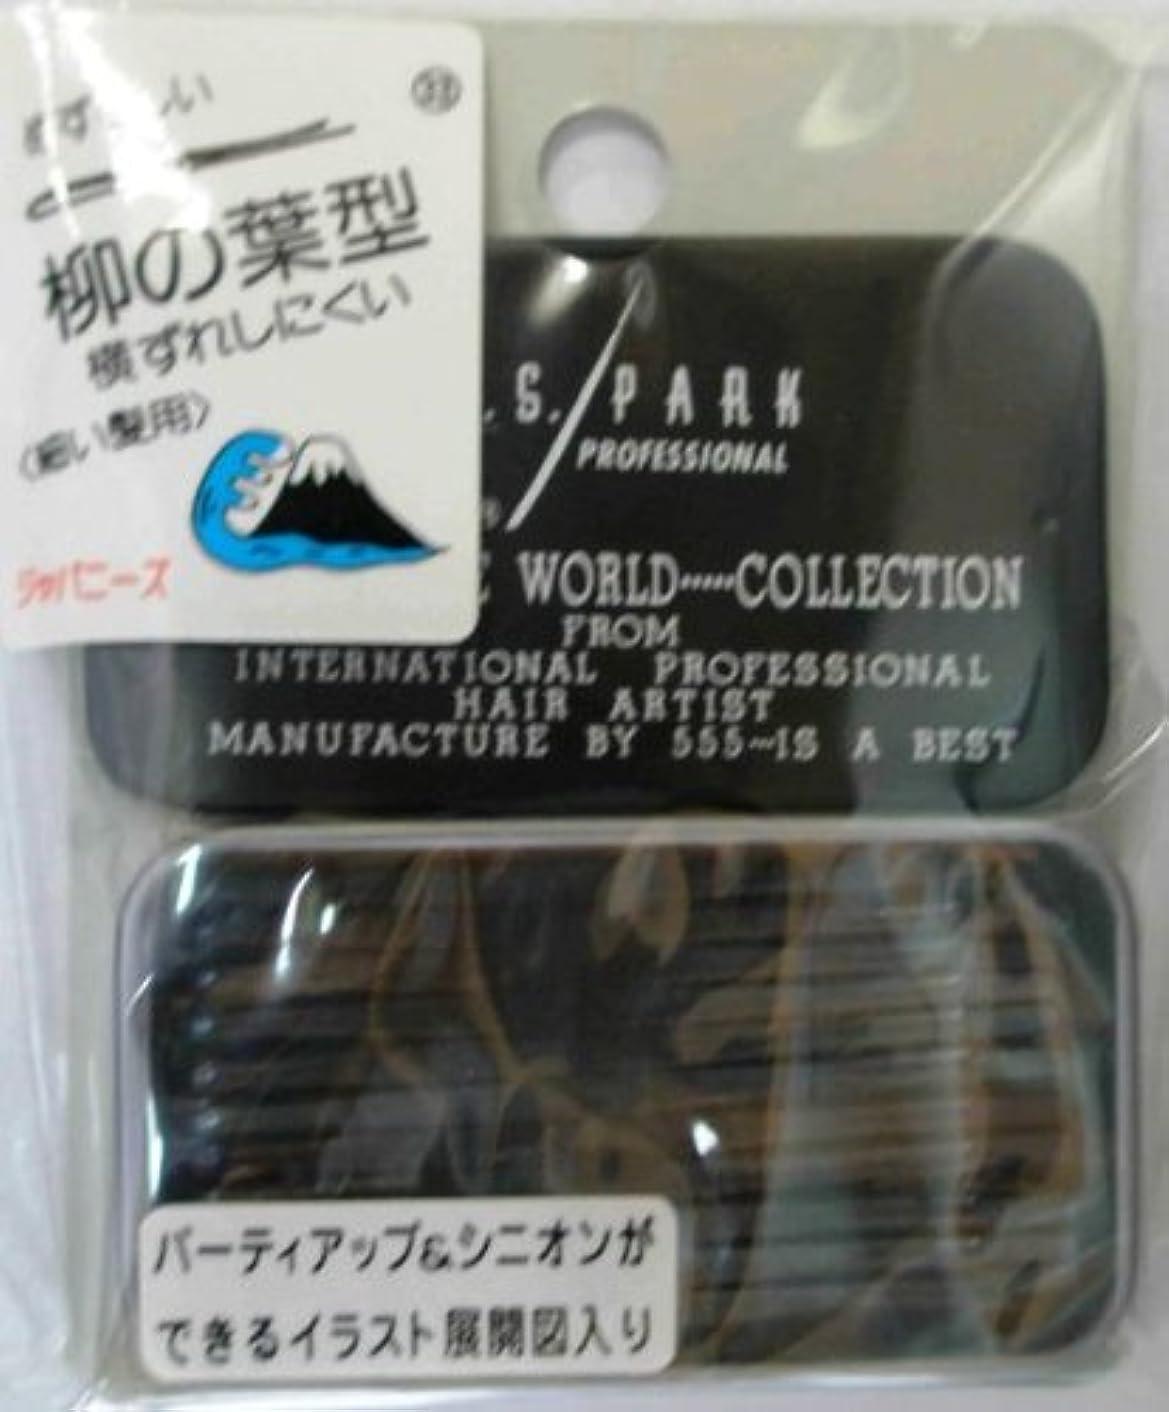 モールス信号攻撃数学者Y.S.PARK世界のヘアピンコレクションNo.33(細い髪用)ジャパニーズ32P